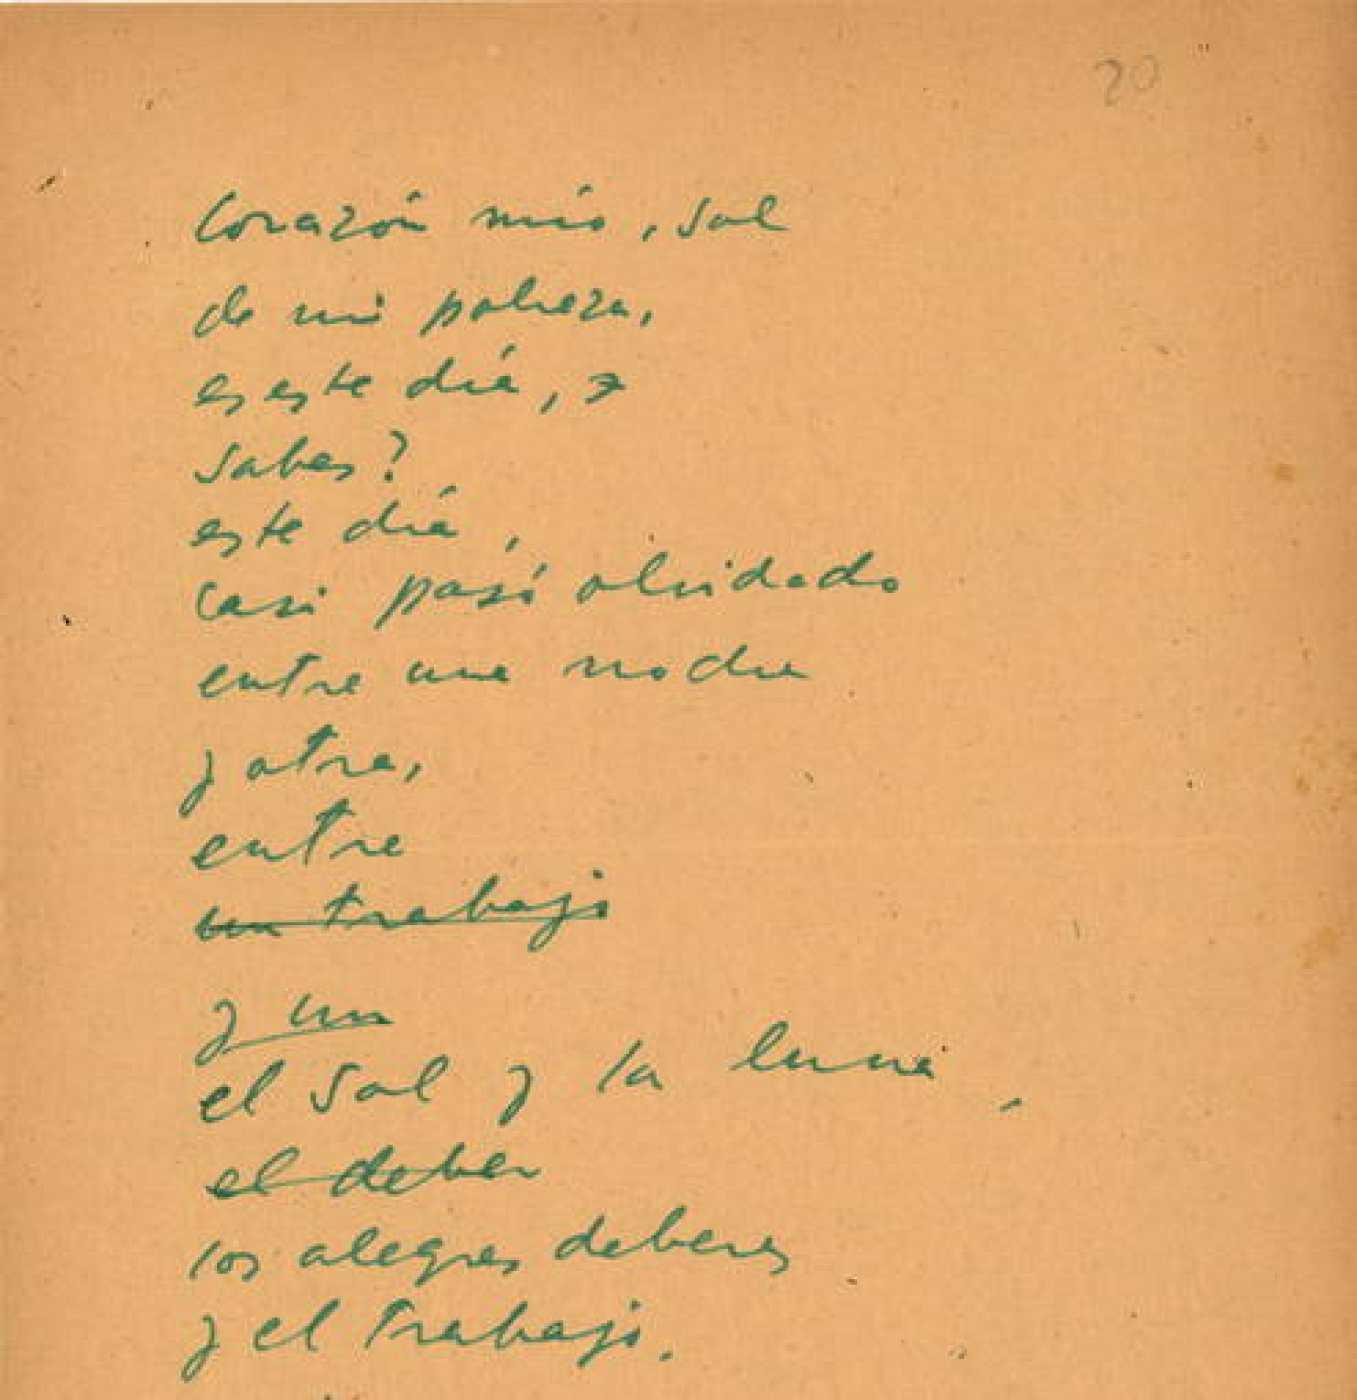 Los Versos Escondidos De Pablo Neruda Rtvees